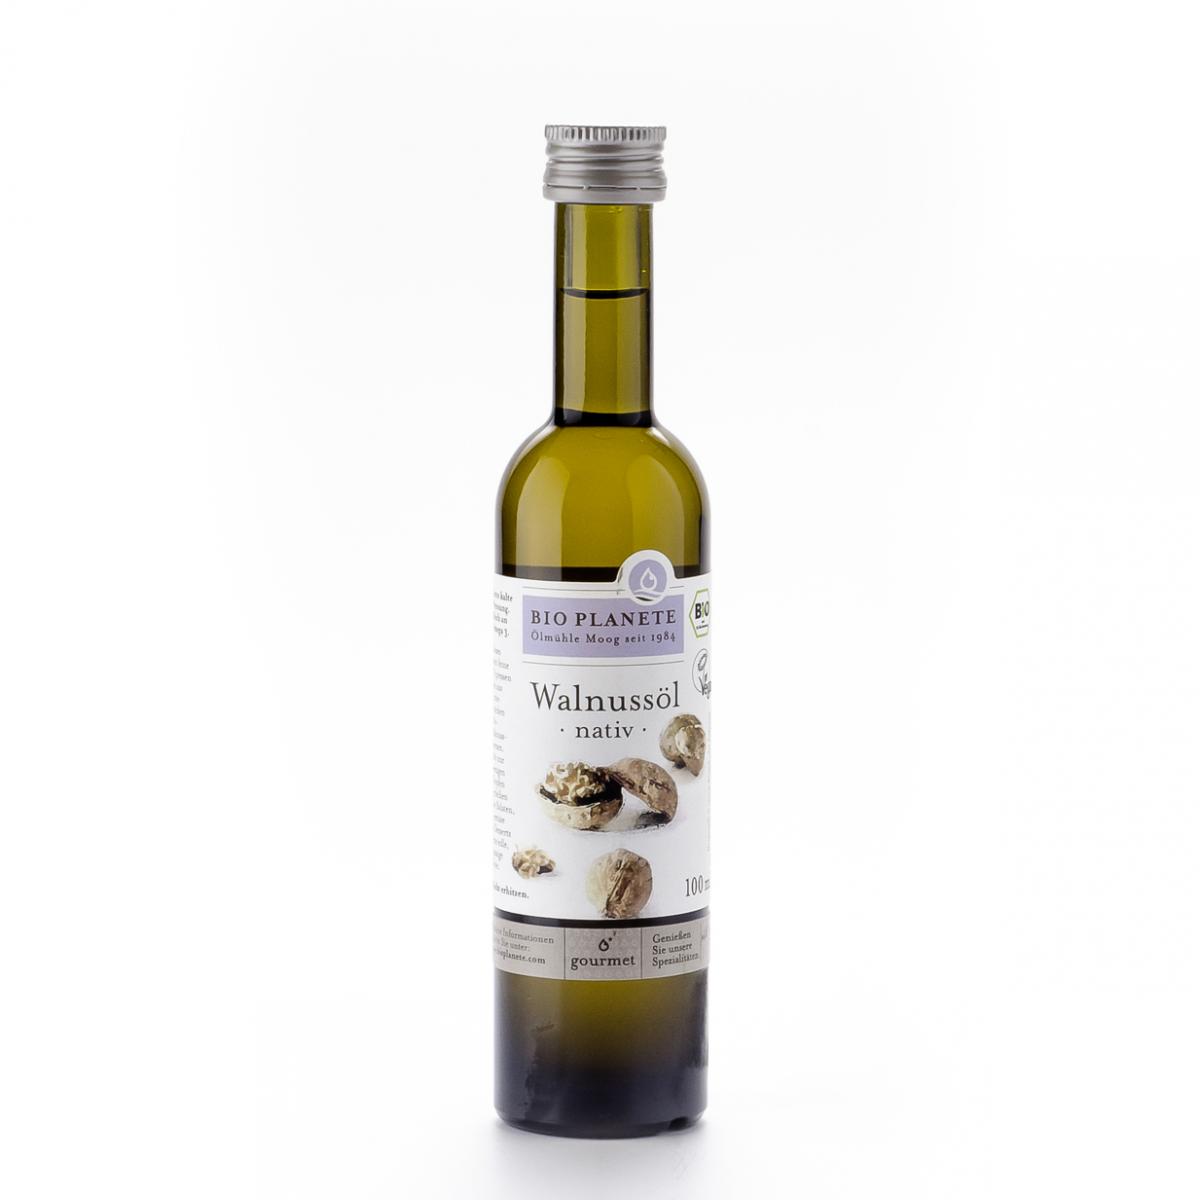 Walnussöl nativ Flasche 100 ml/Glas Einweg - Bio Planète